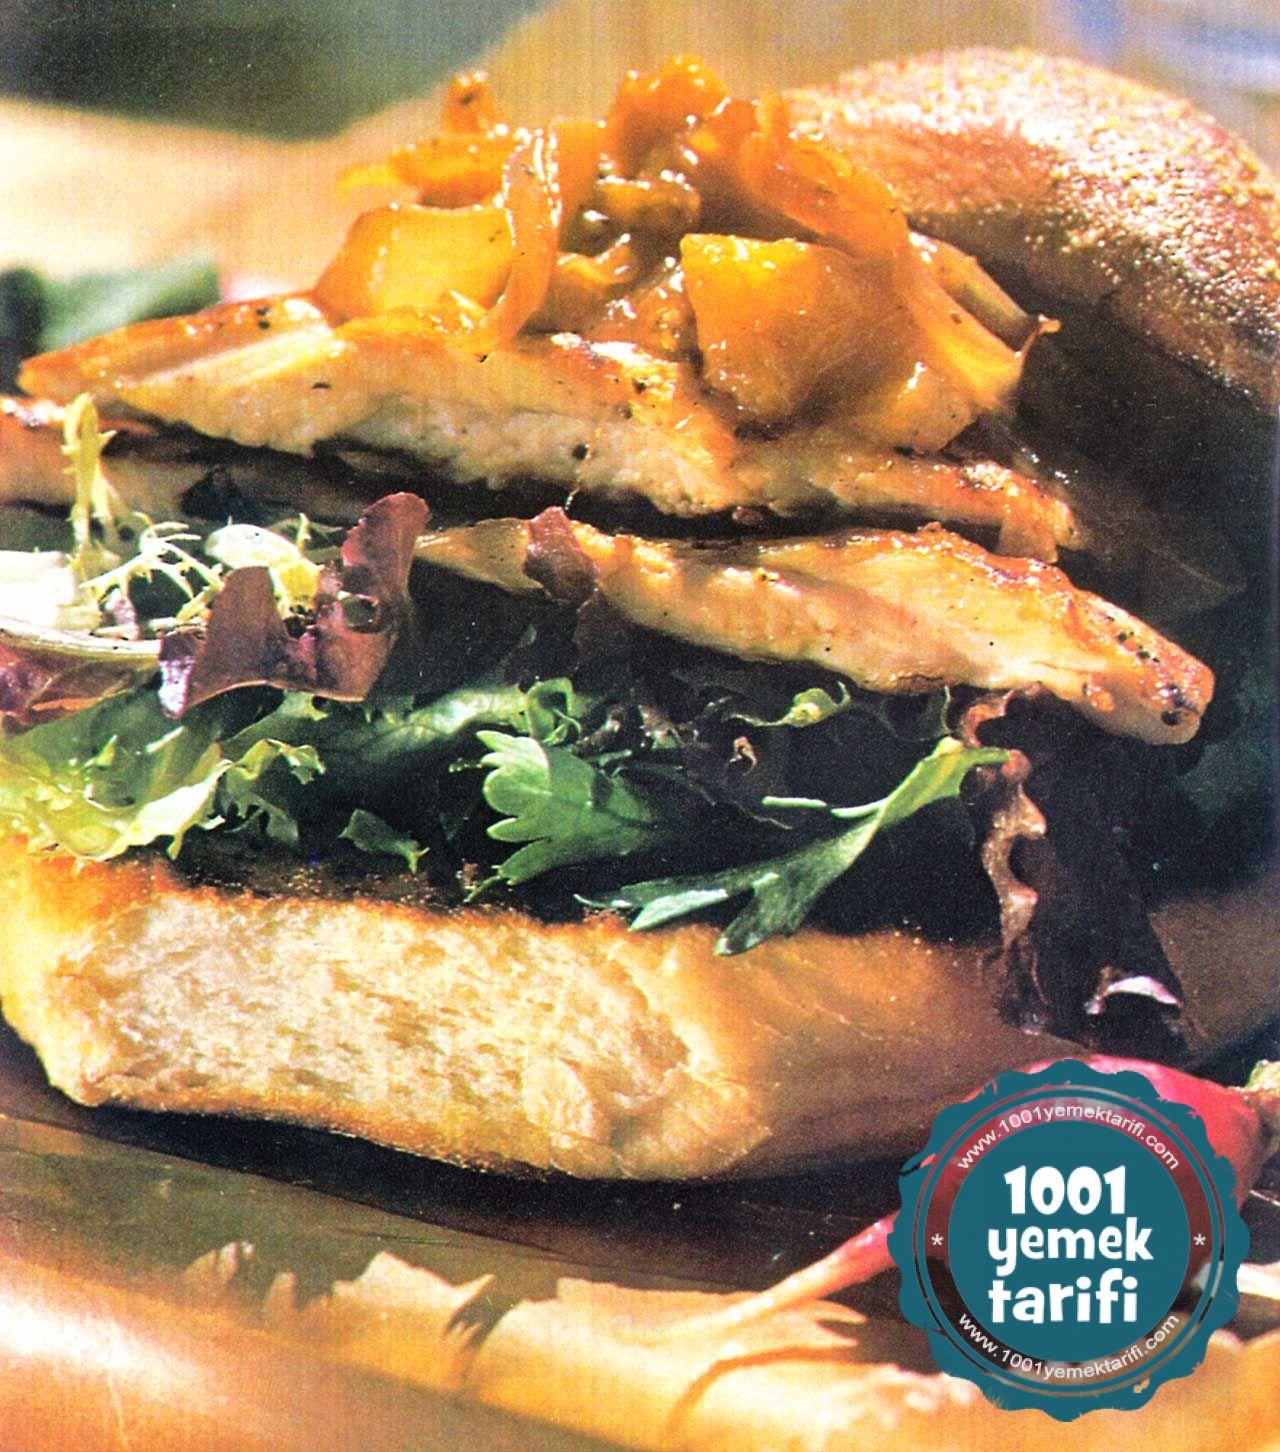 pilicli sandvic tarifi-yapimi-kolay kac kalori-nasil yapilir-nefis-1001yemektarifi